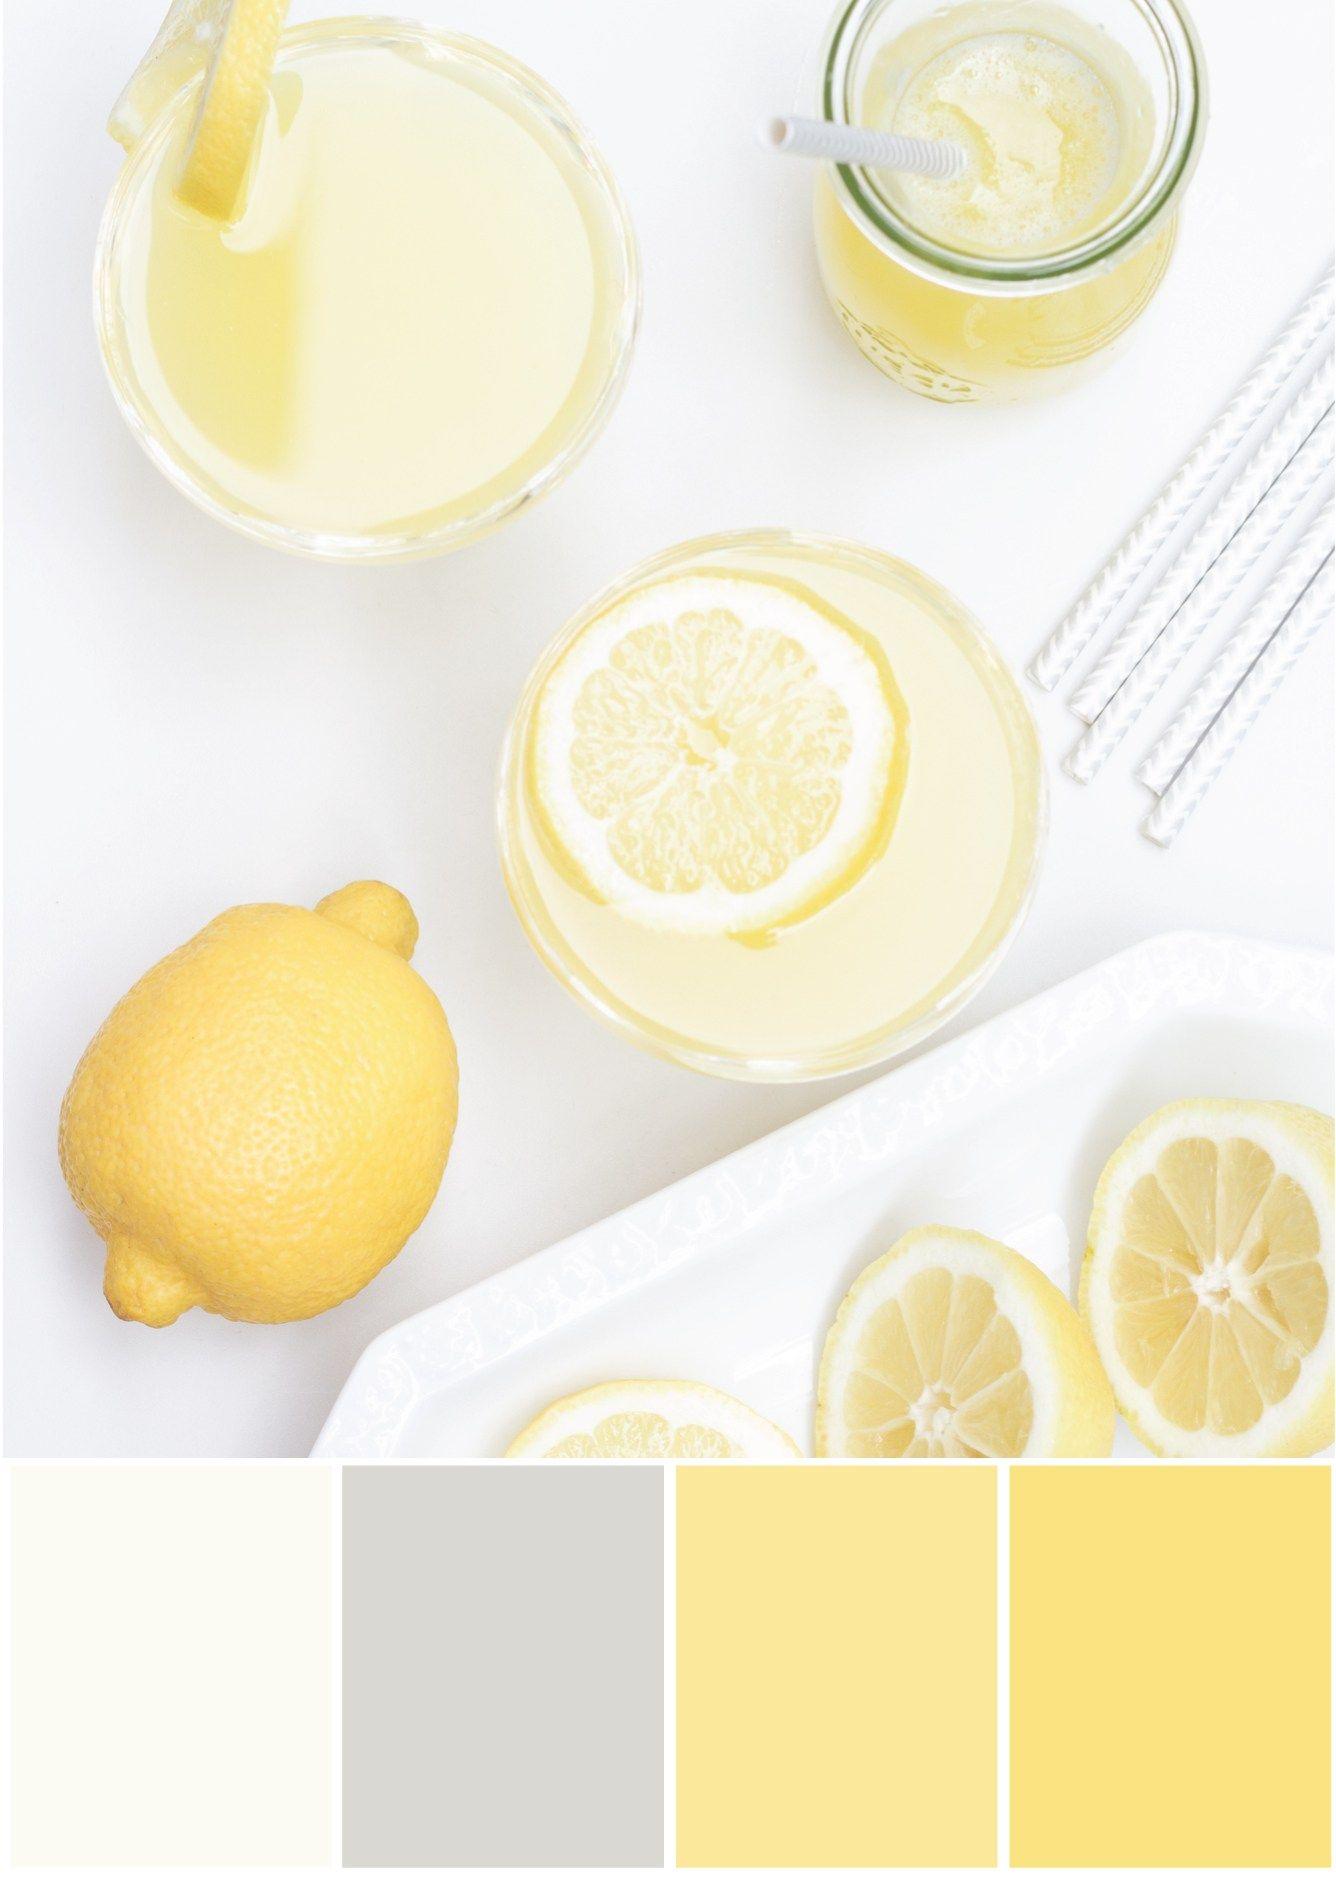 Home interior design farbkombinationen farbkombinationen mit weiß für kleidungsstücke